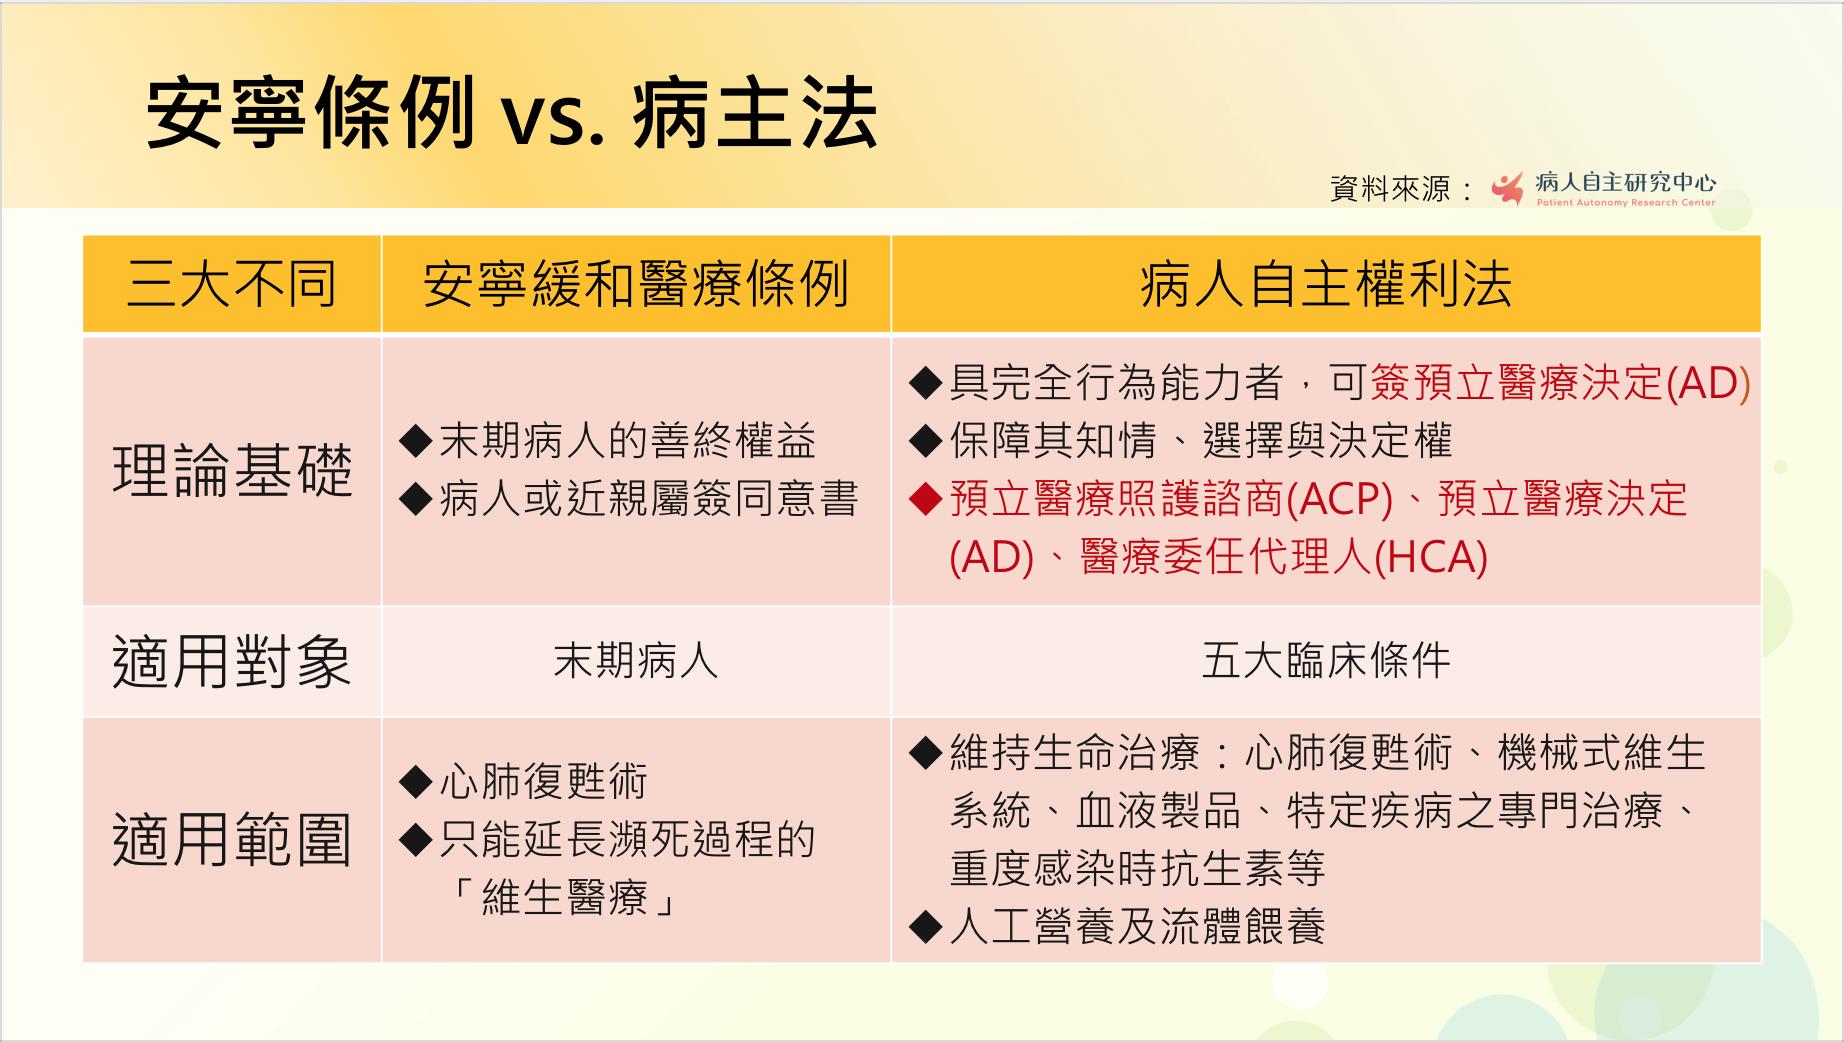 安寧條例vs病主法比較表